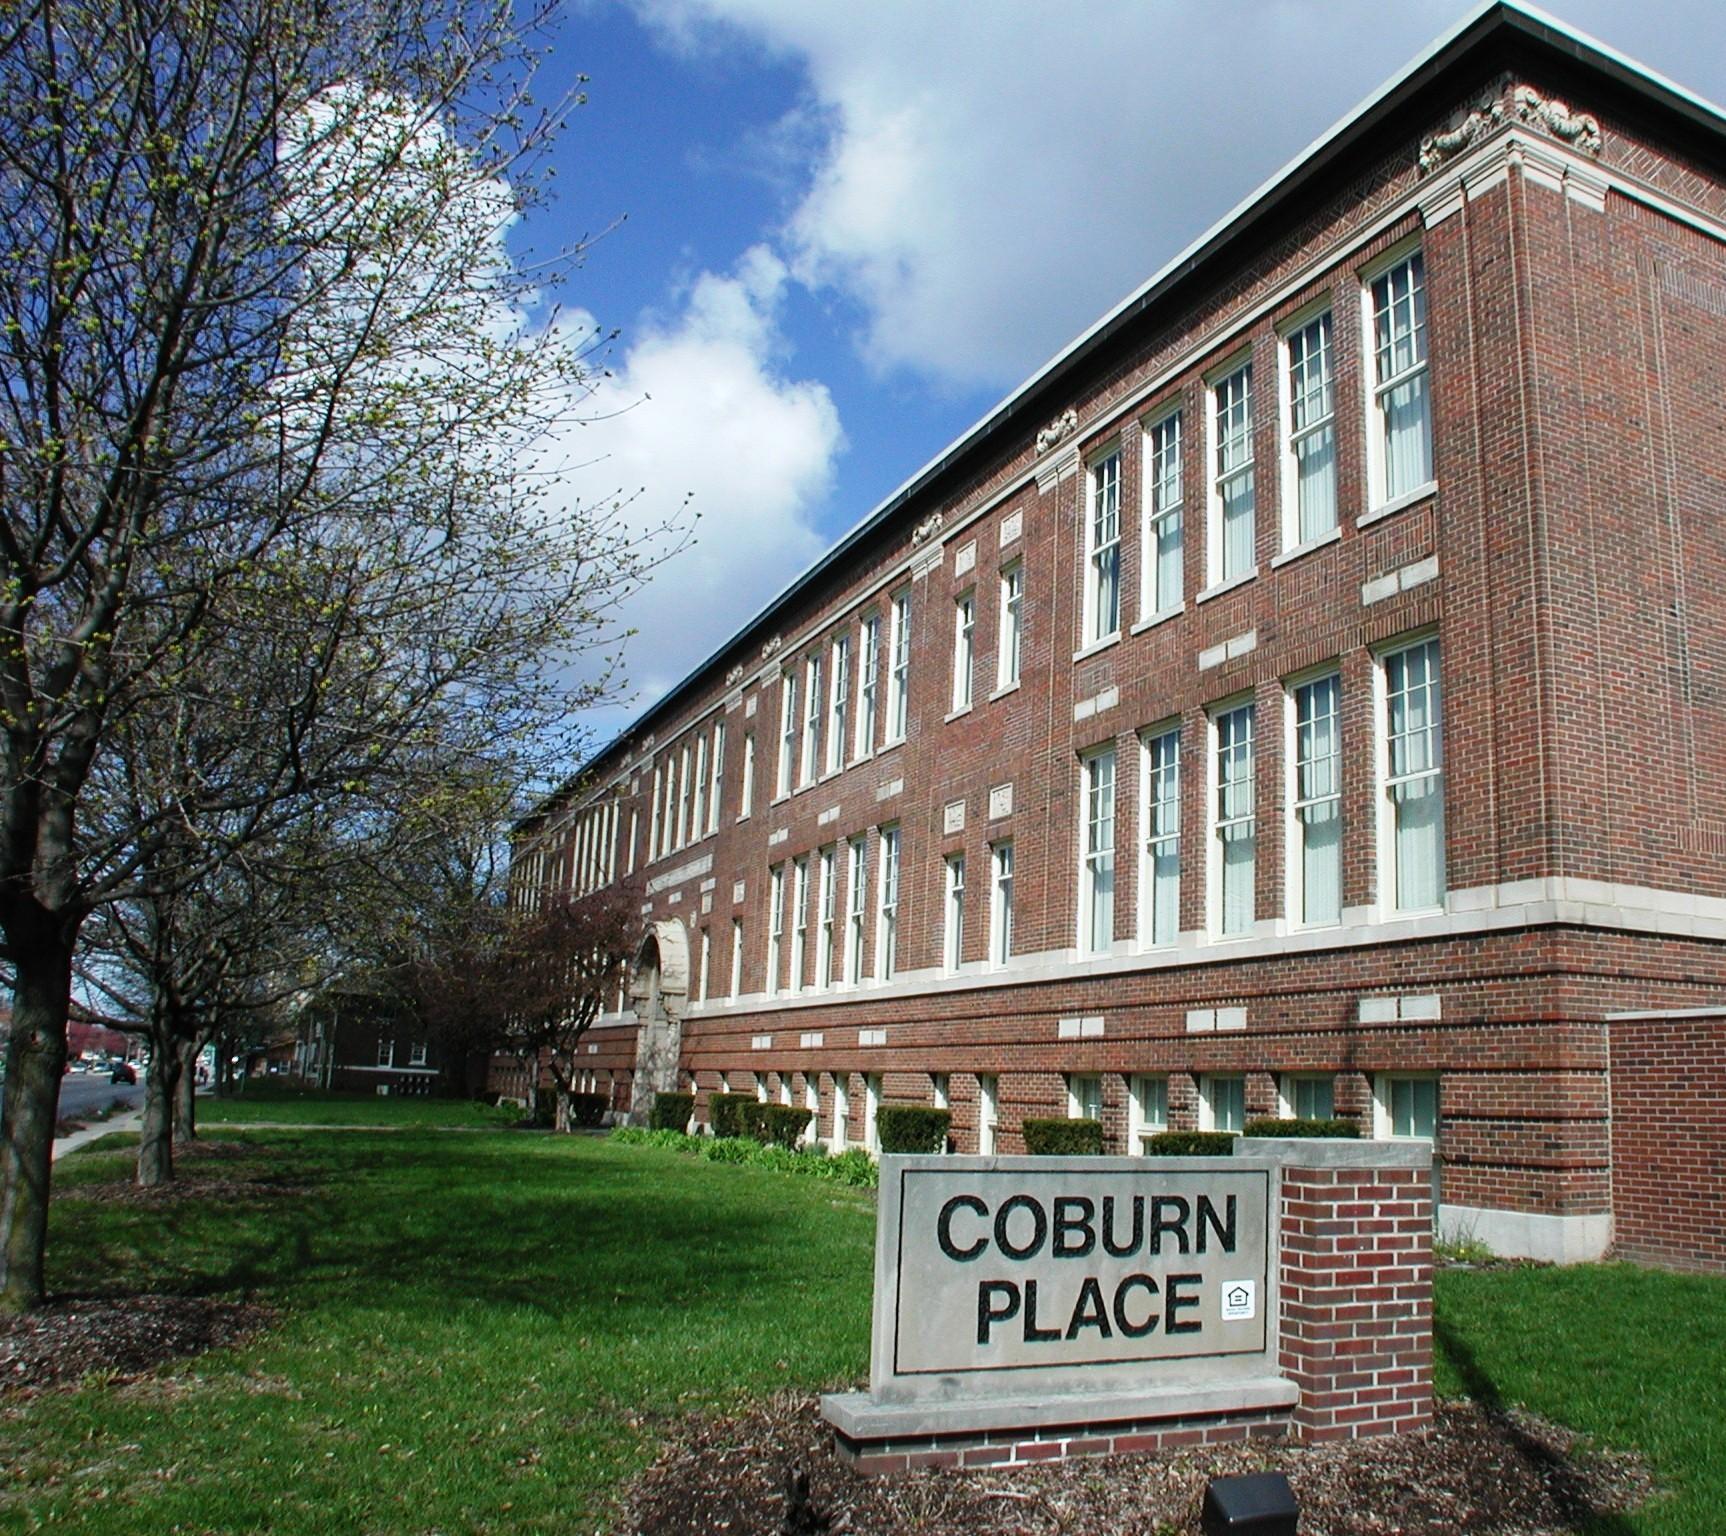 Coburn Place